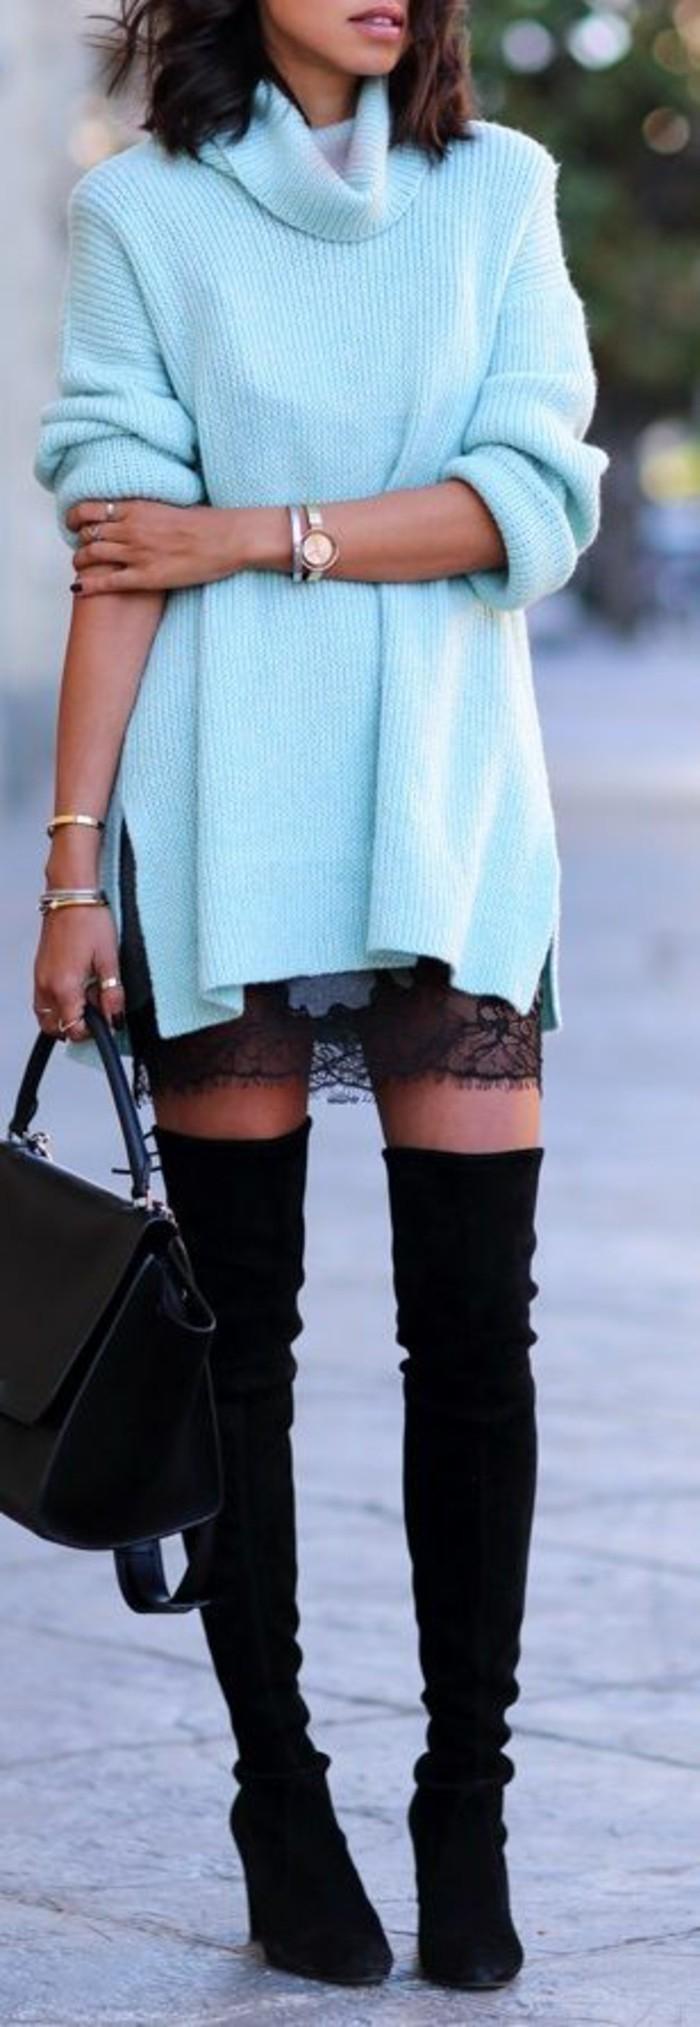 robe-pull-col-roule-robe-noire-en-dentelle-dessous-bottes-cavalieres